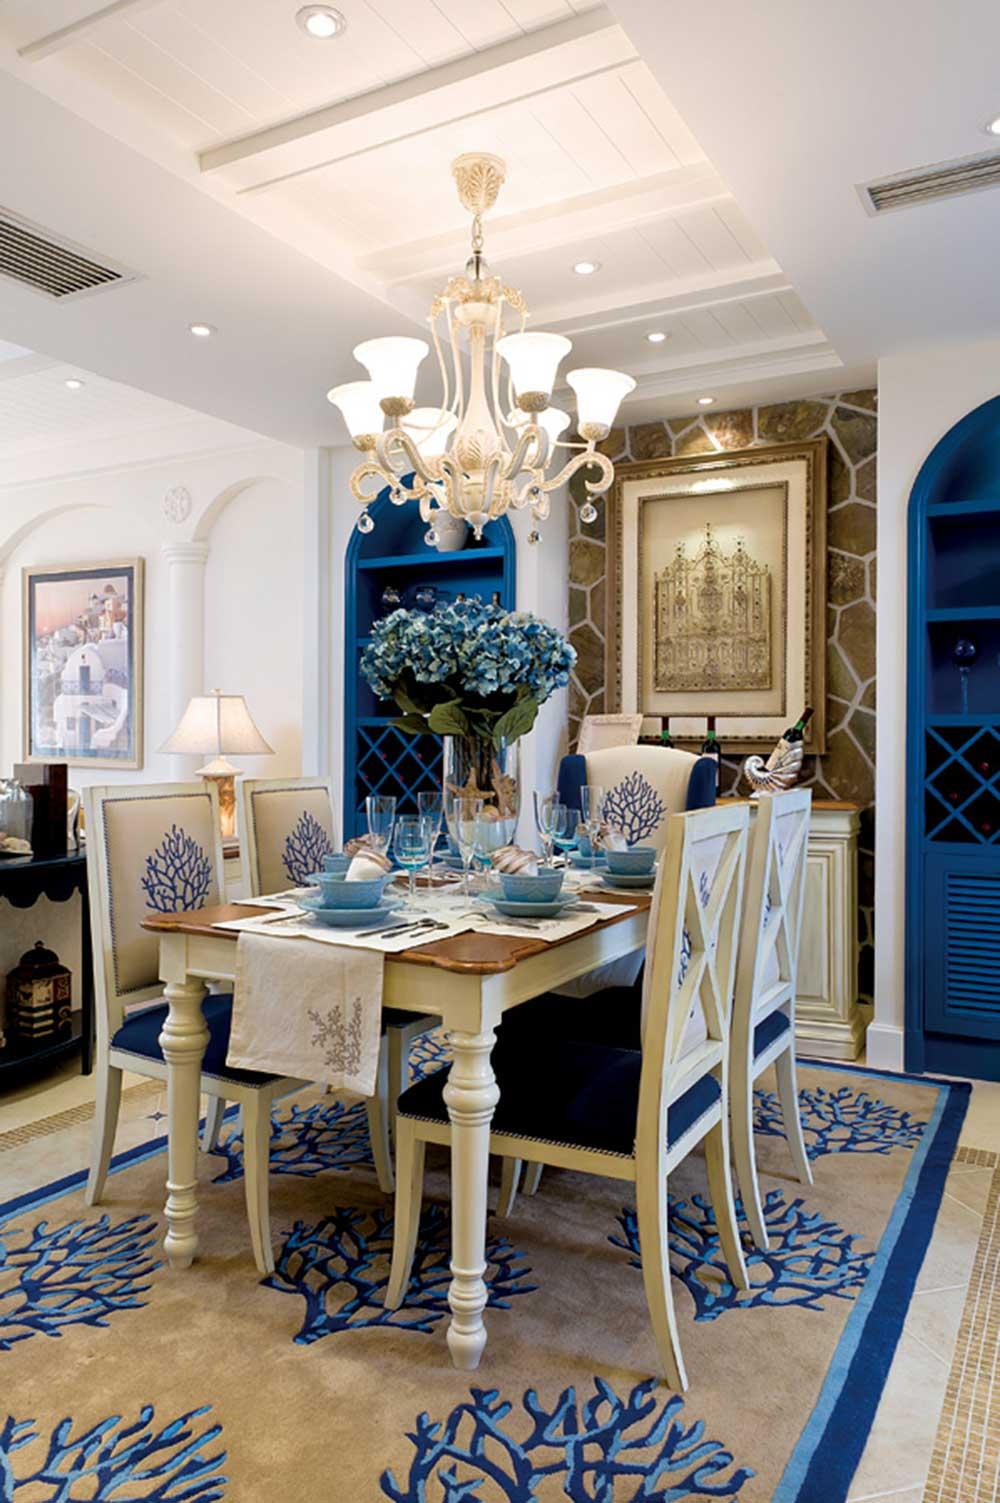 餐厅两侧蓝色拱形的装饰柜兼具收纳功能,蓝色和米色相互交融组成浪漫的地中海乐章。